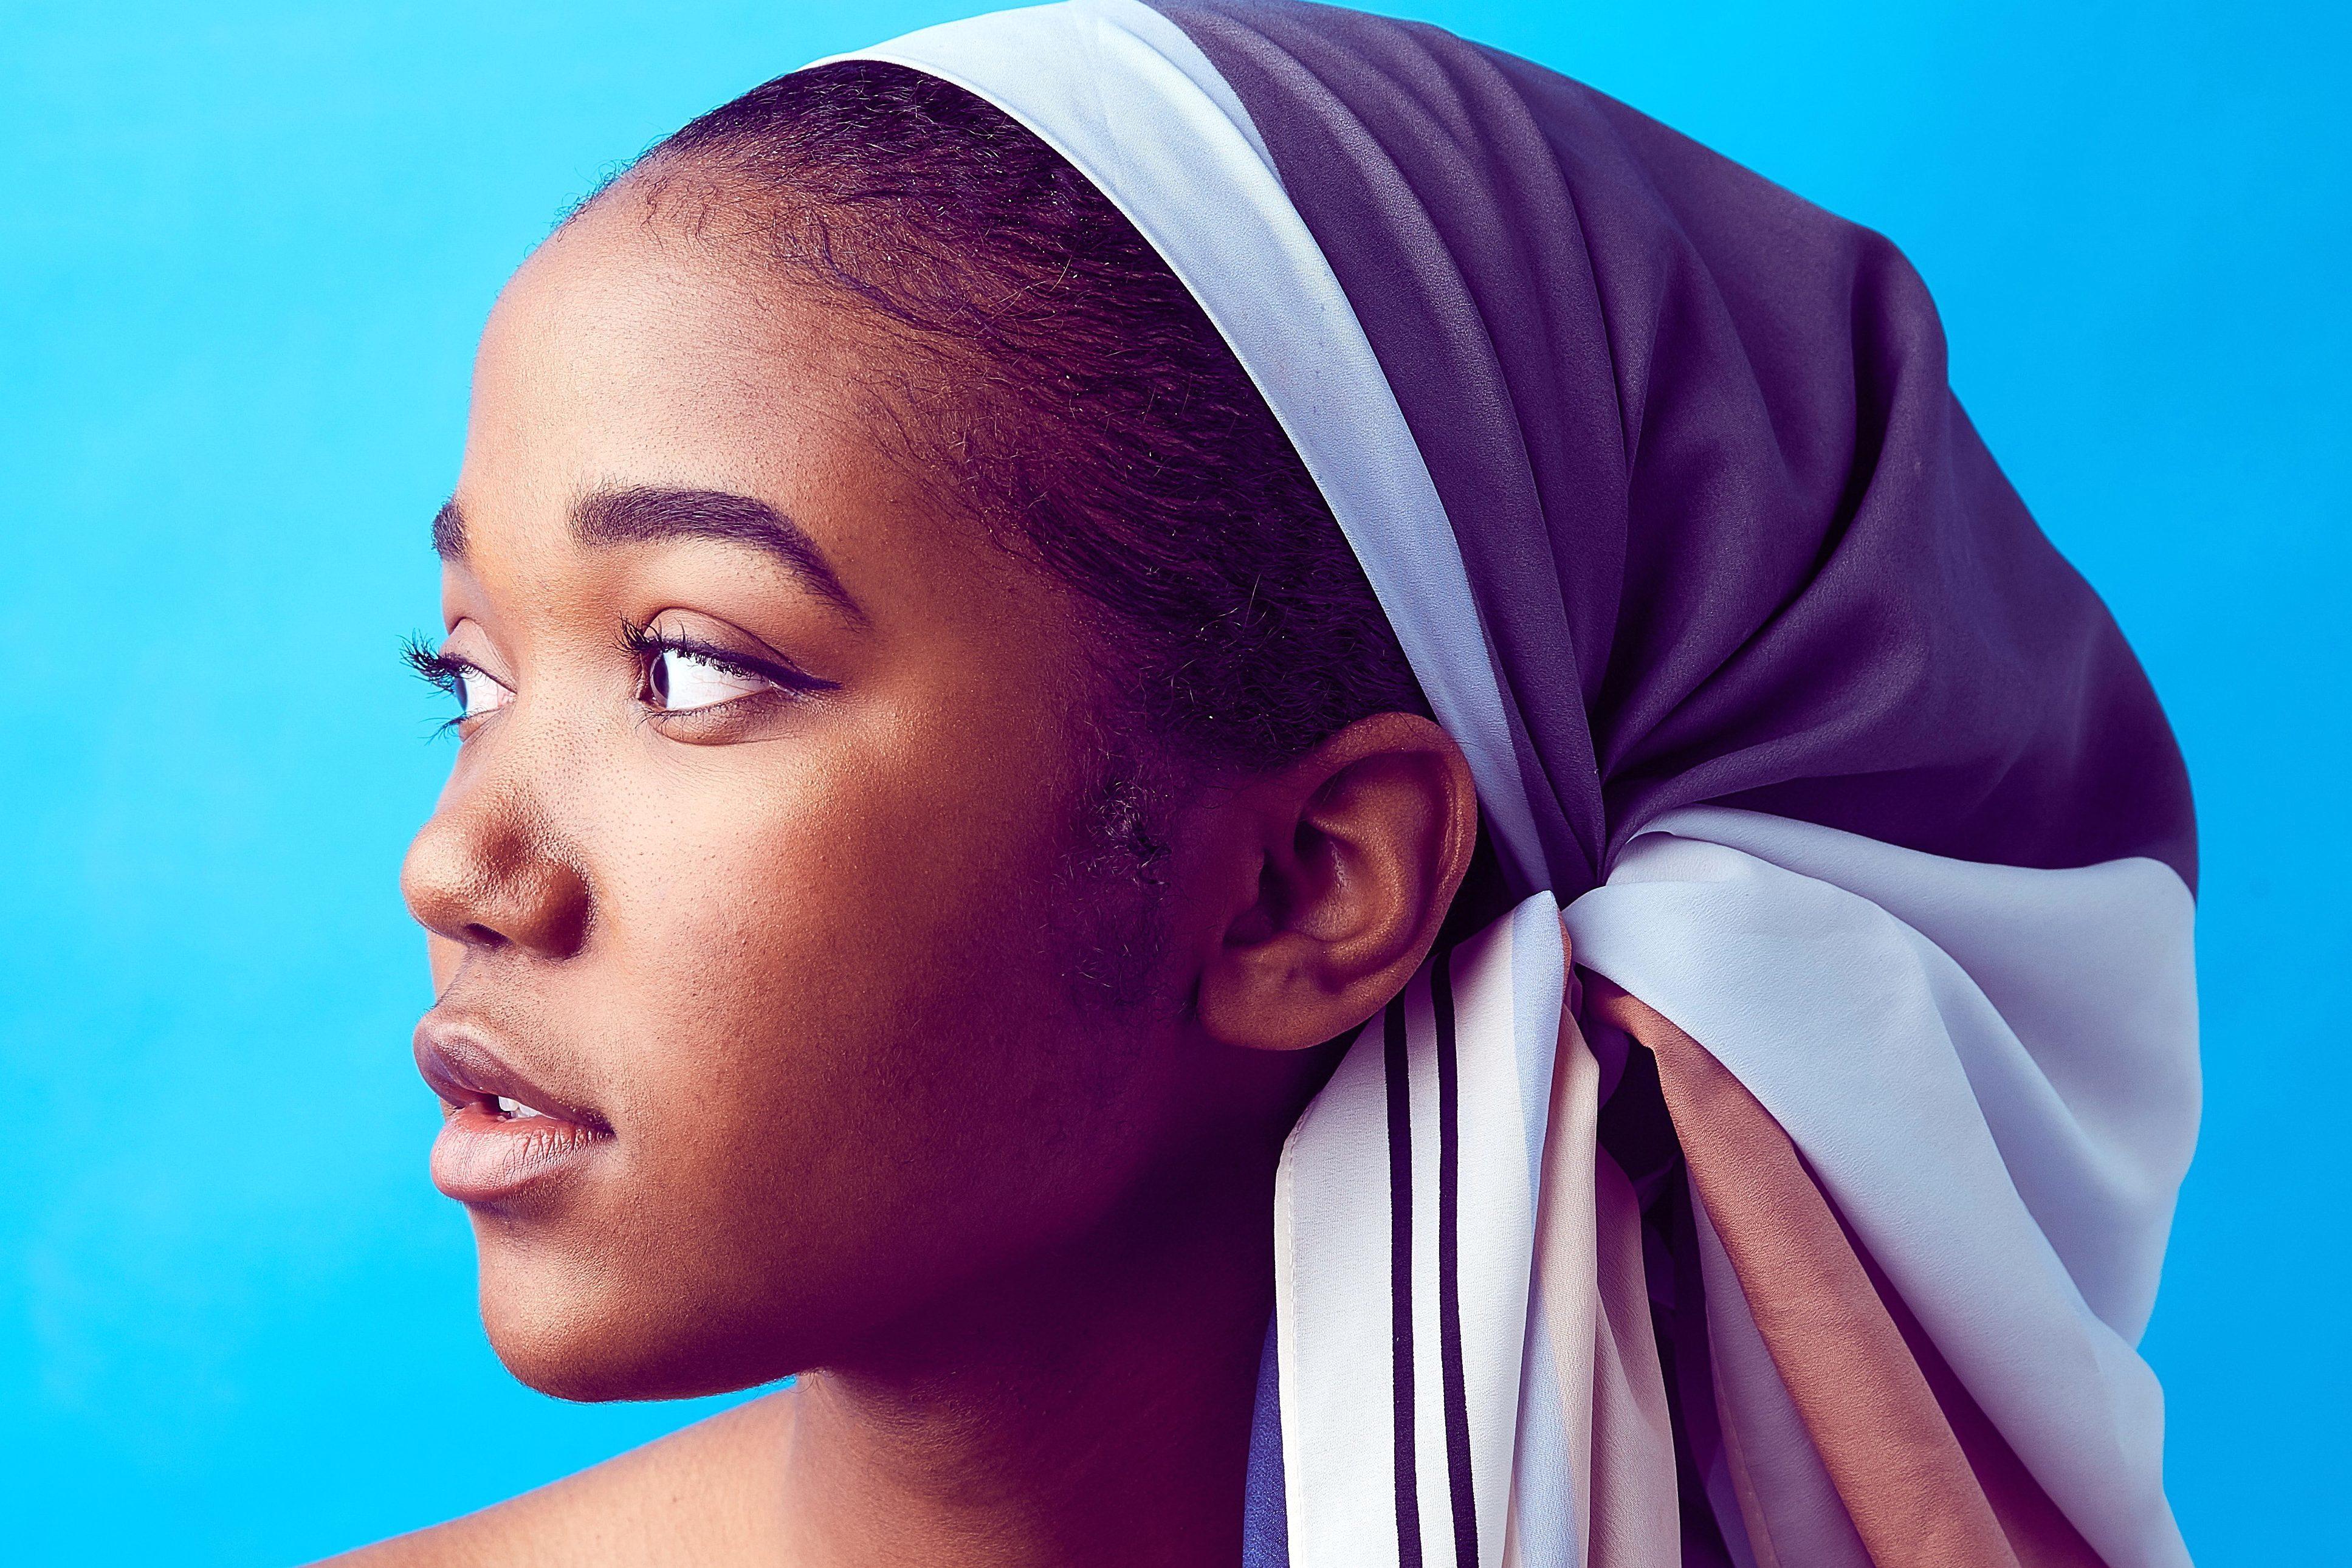 Foto gratis Donna moda ritratto volto velo bella ragazza